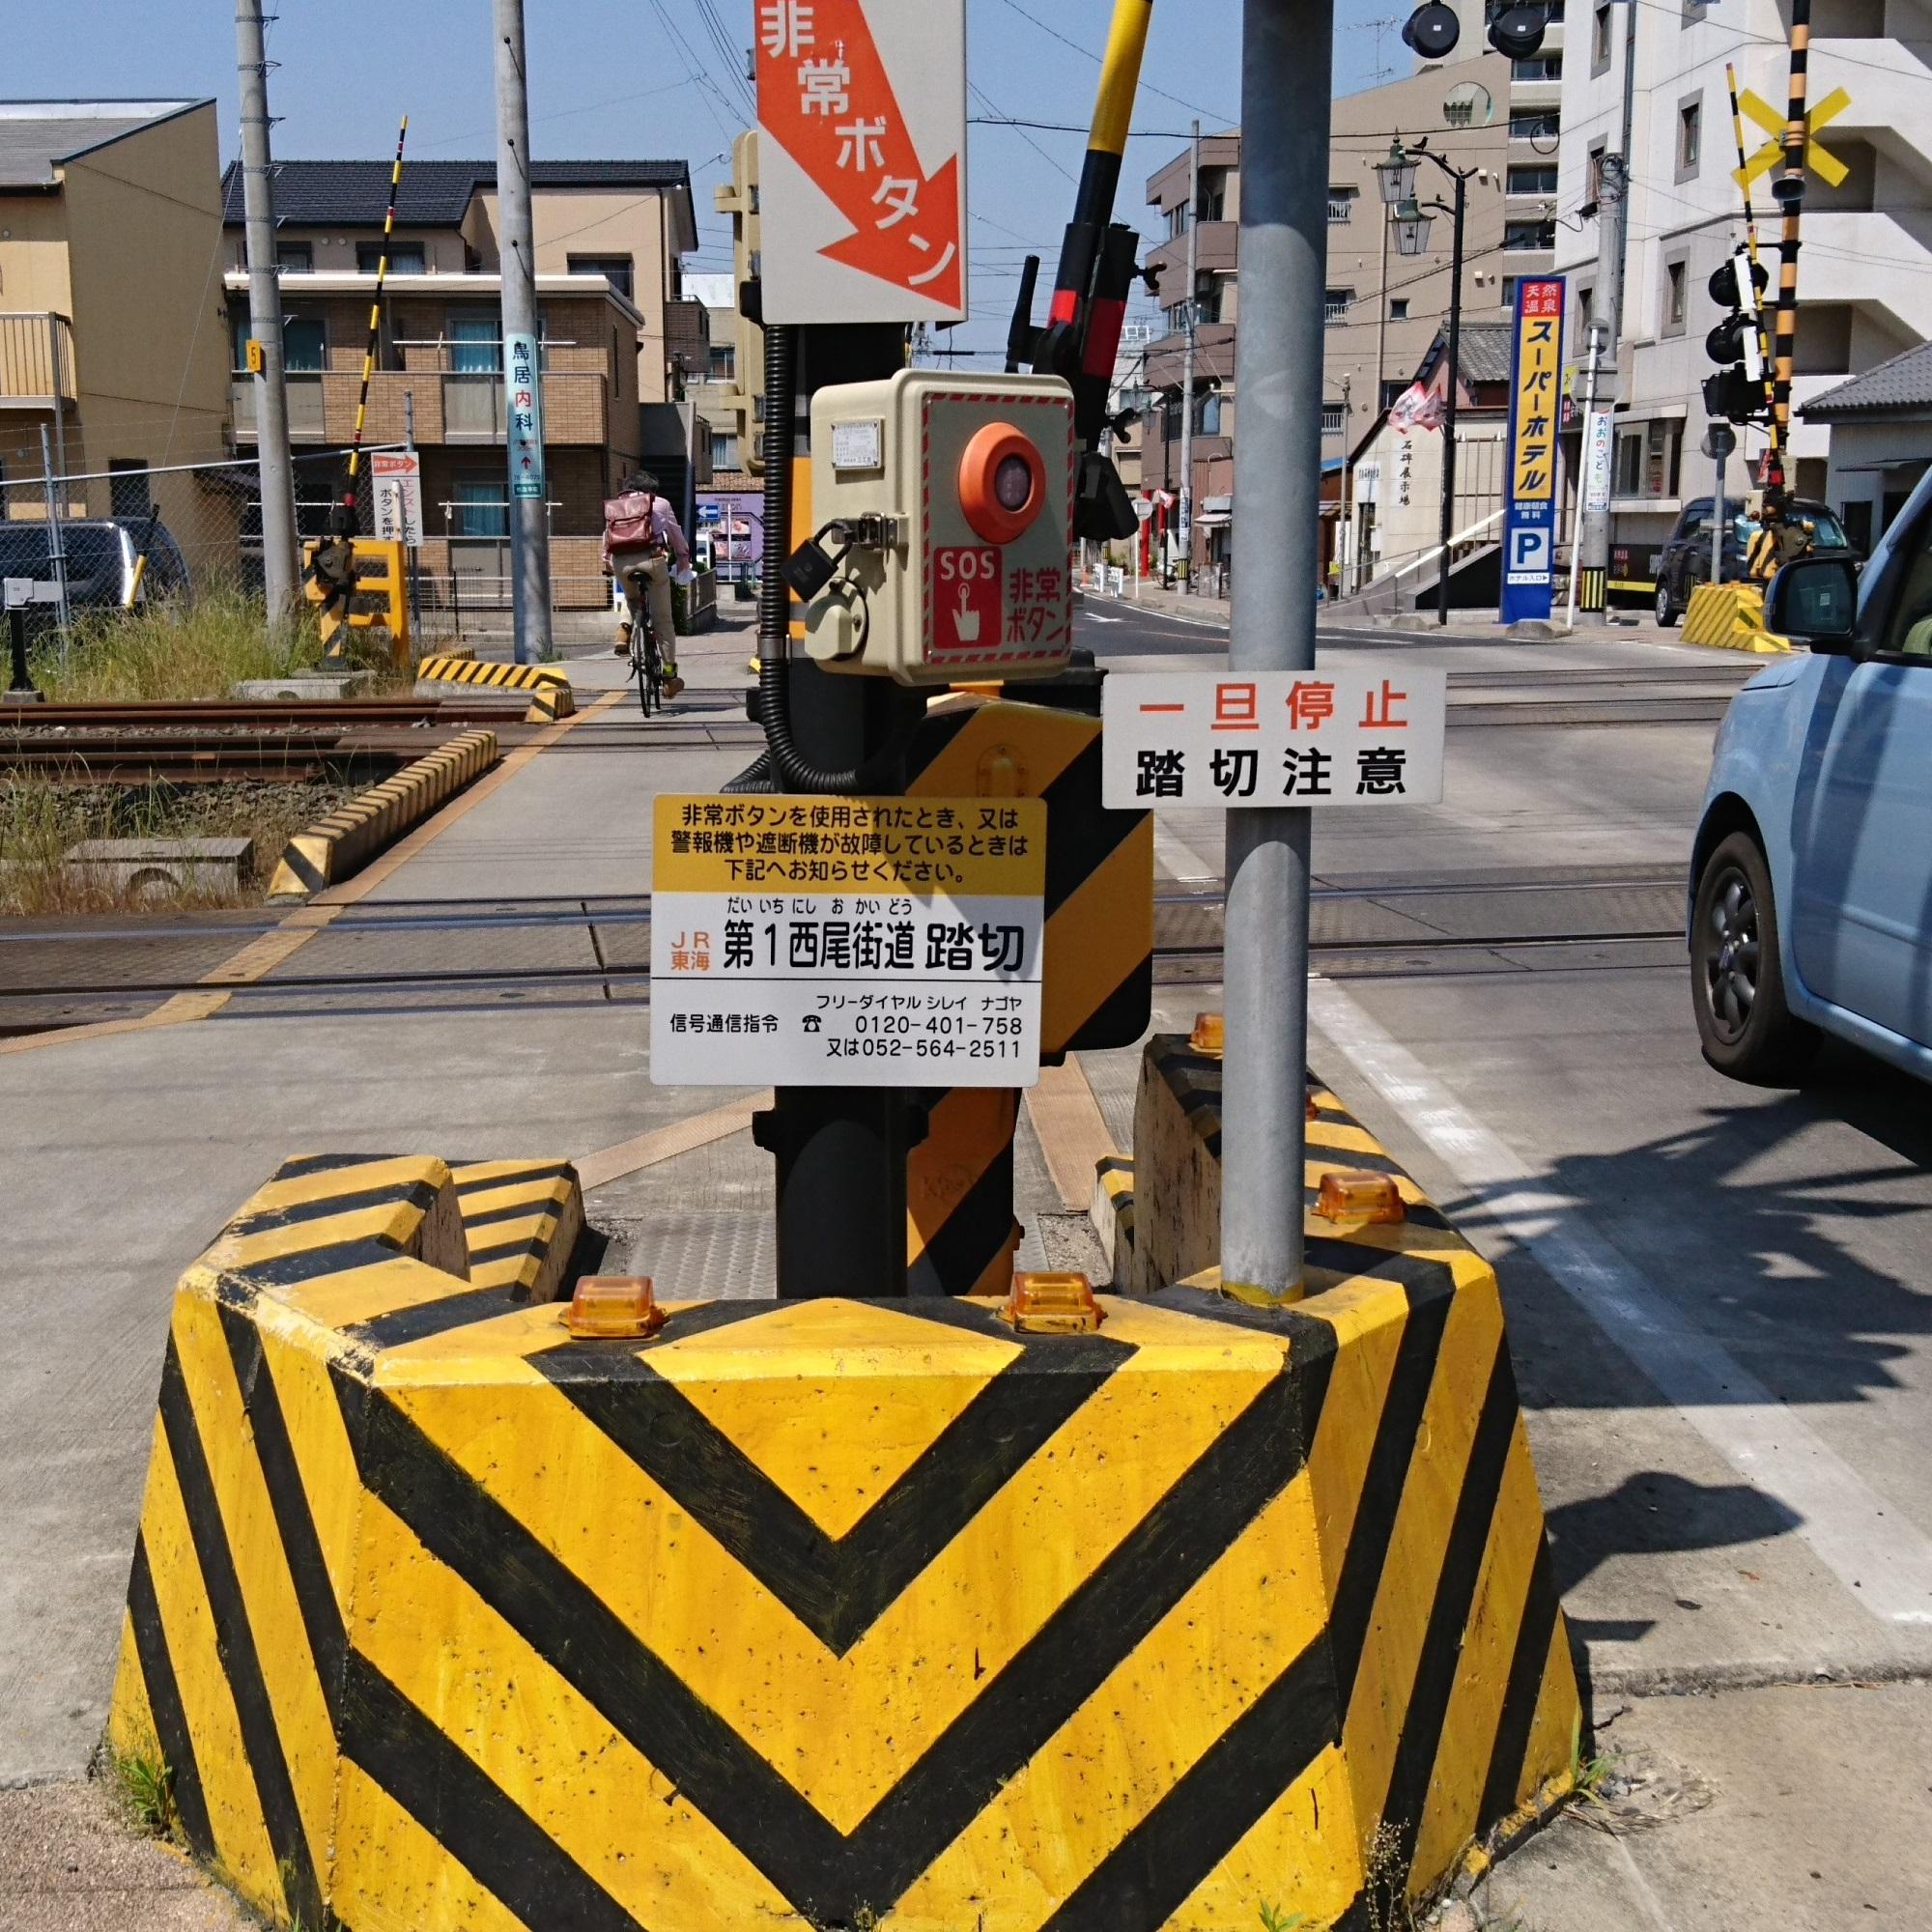 2017.5.22 第1西尾街道ふみきり(かくだい)